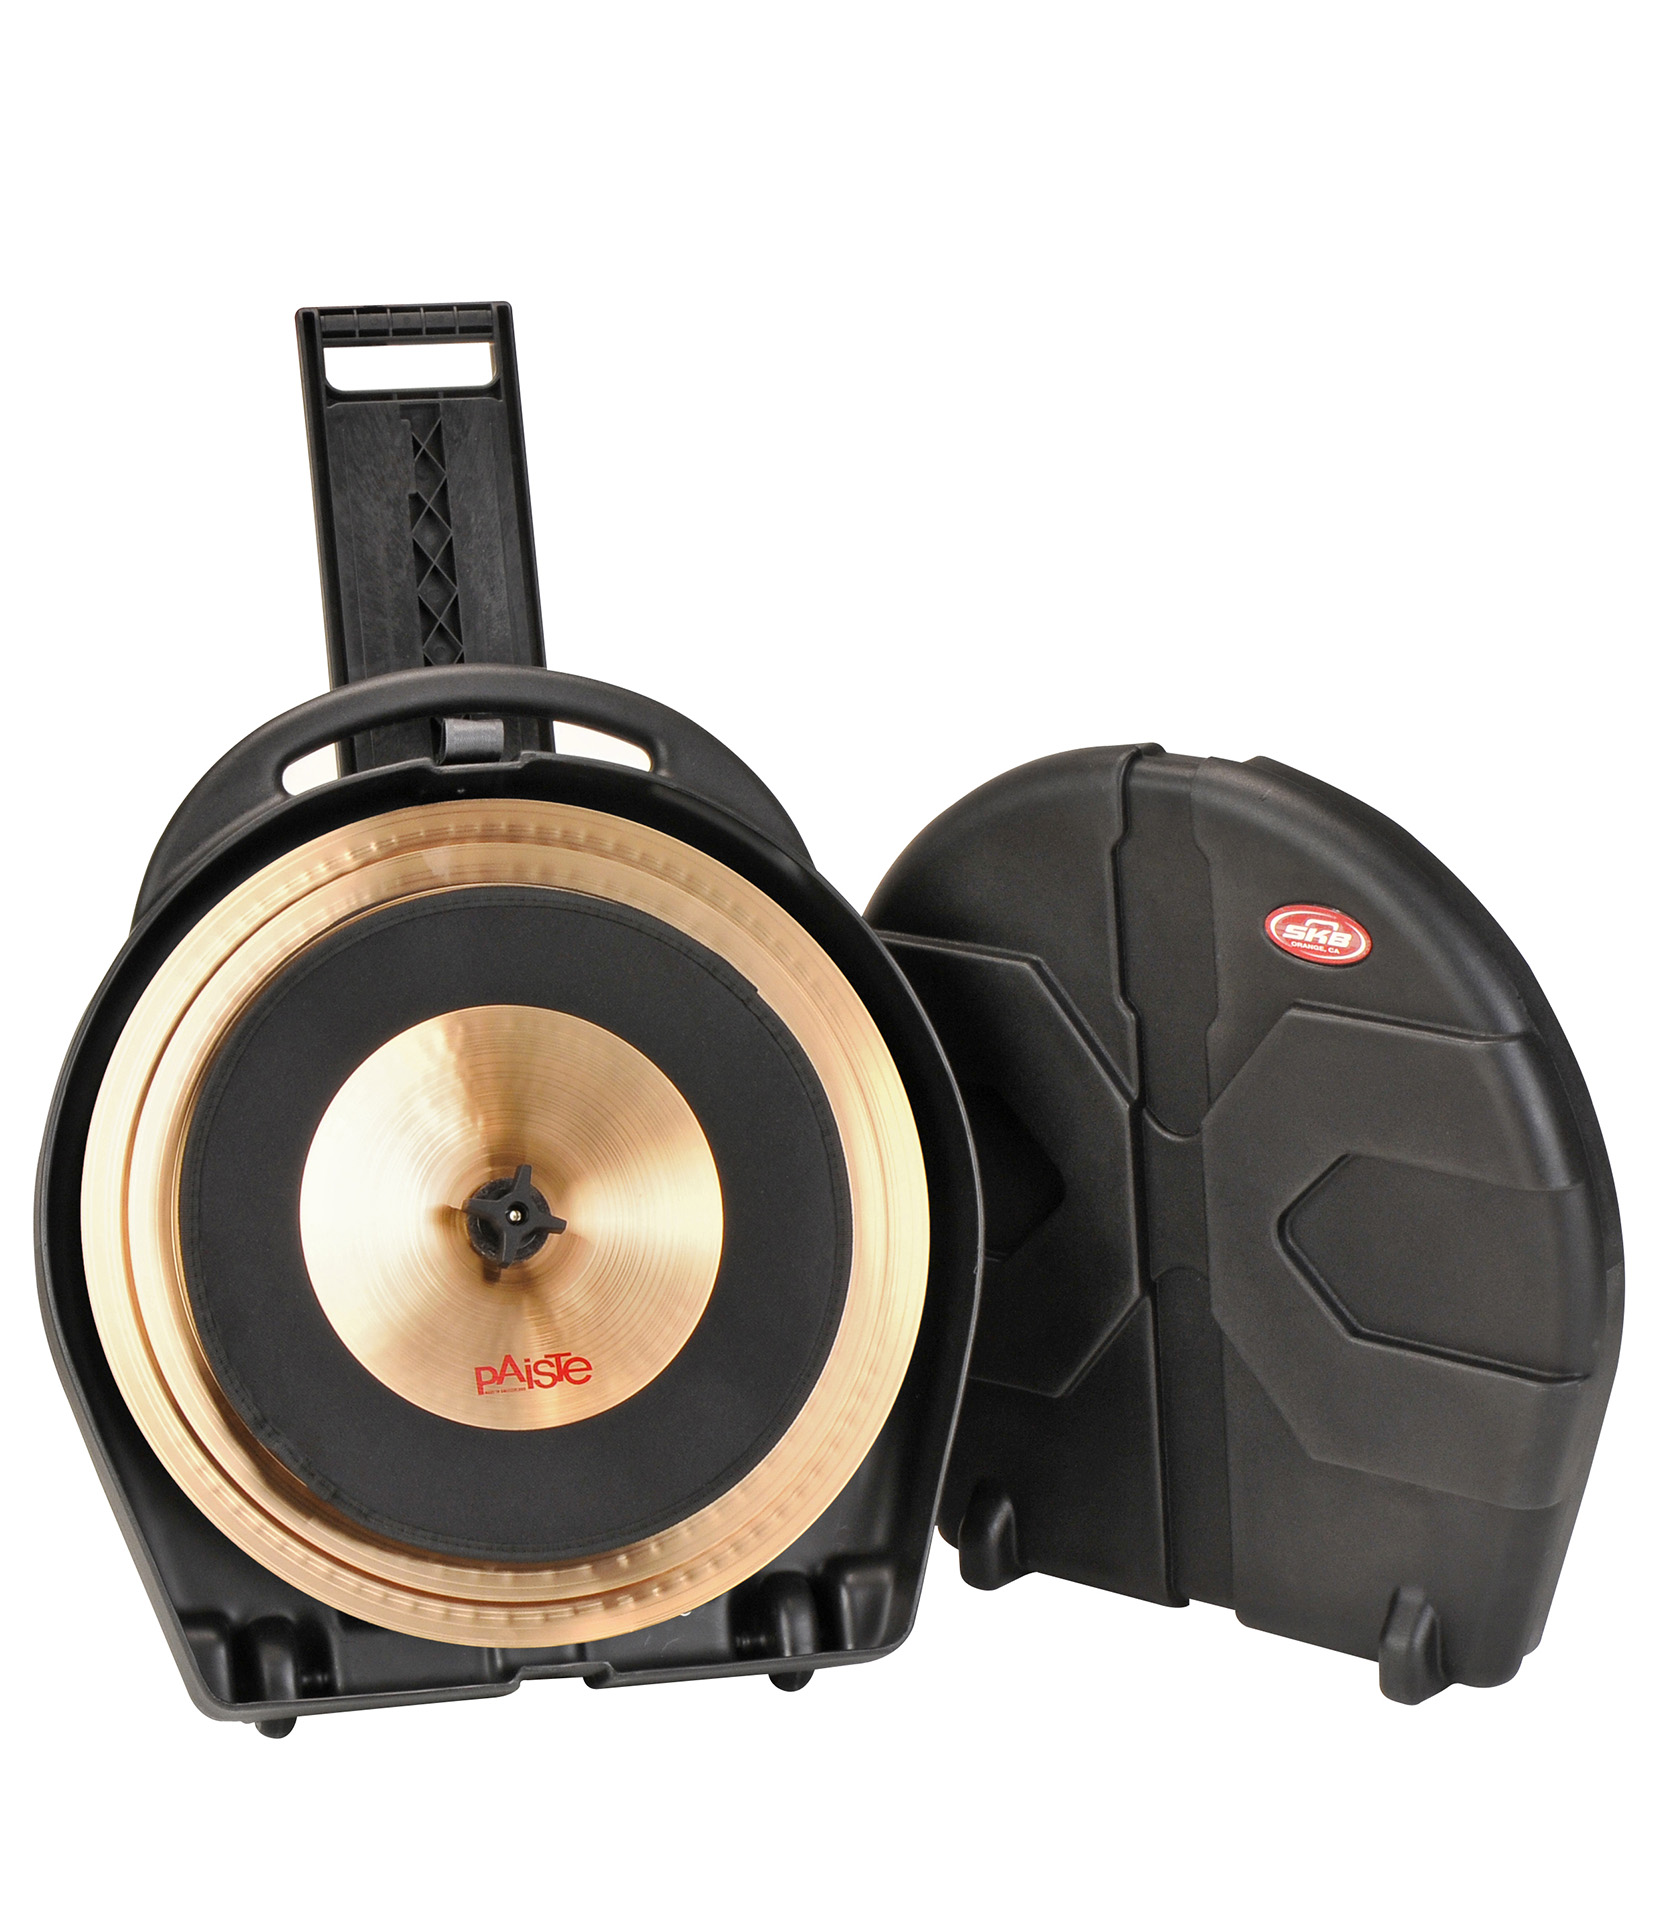 1SKB CV22W ATA 24 Cymbal Vault with handle whe - 1SKB-CV22W - Melody House Dubai, UAE